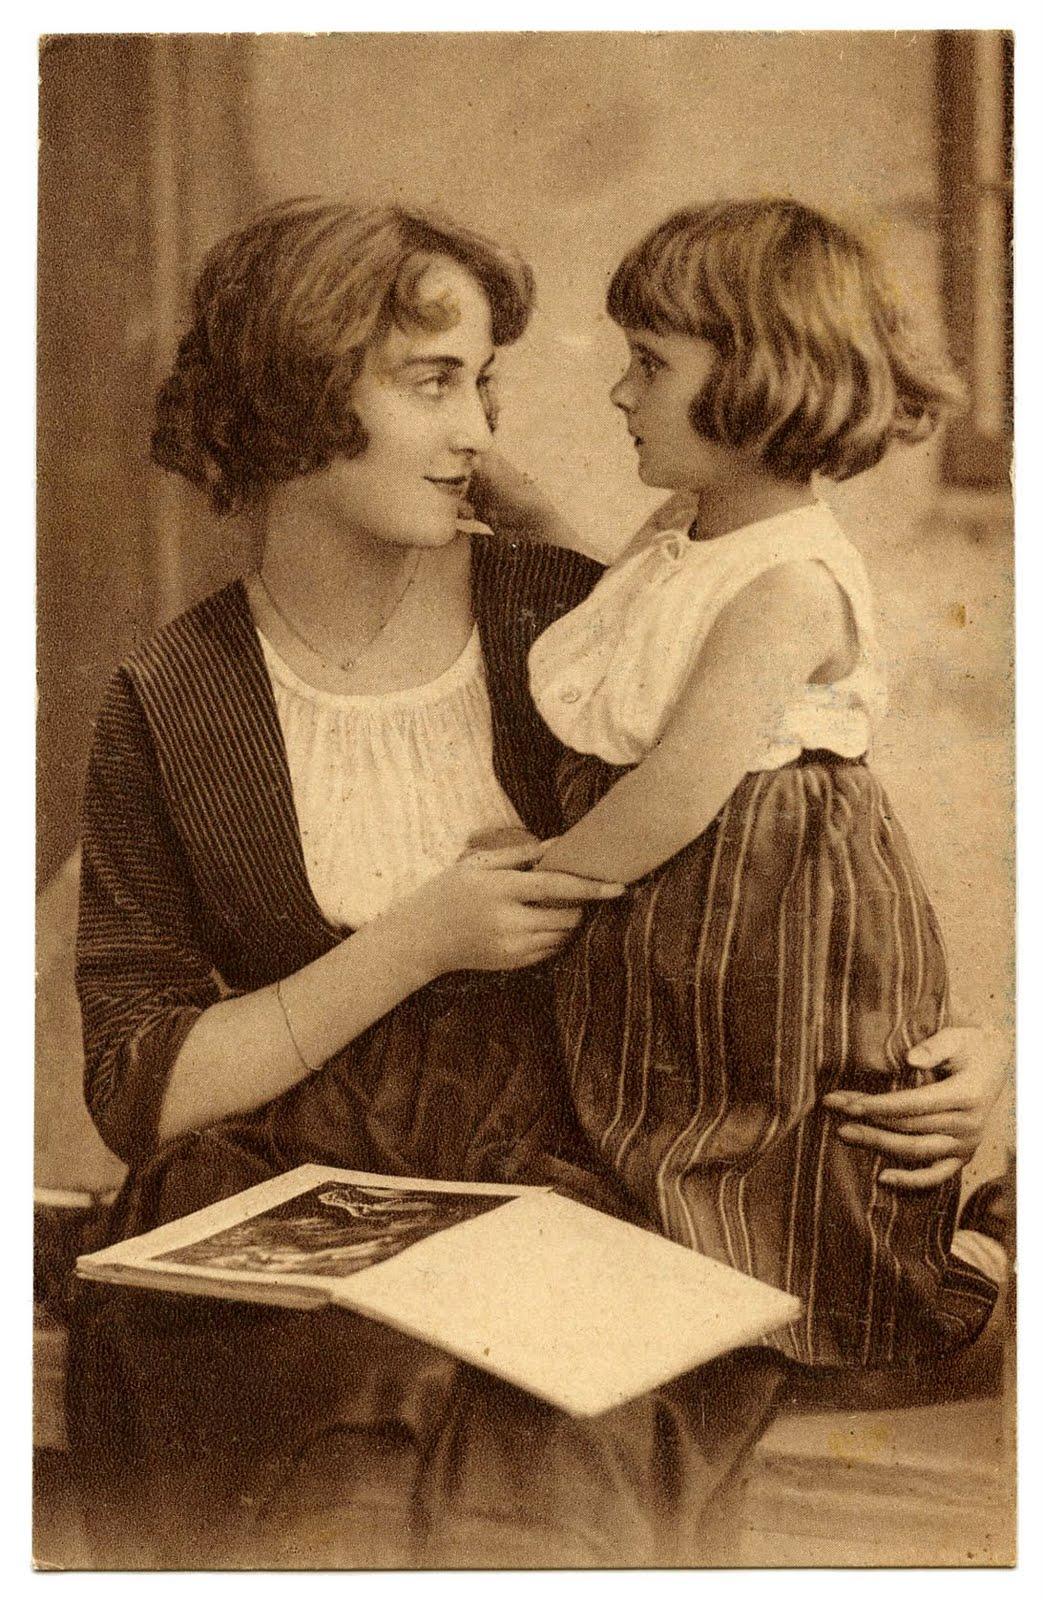 La buena madre es aquella que se va volviendo innecesaria…